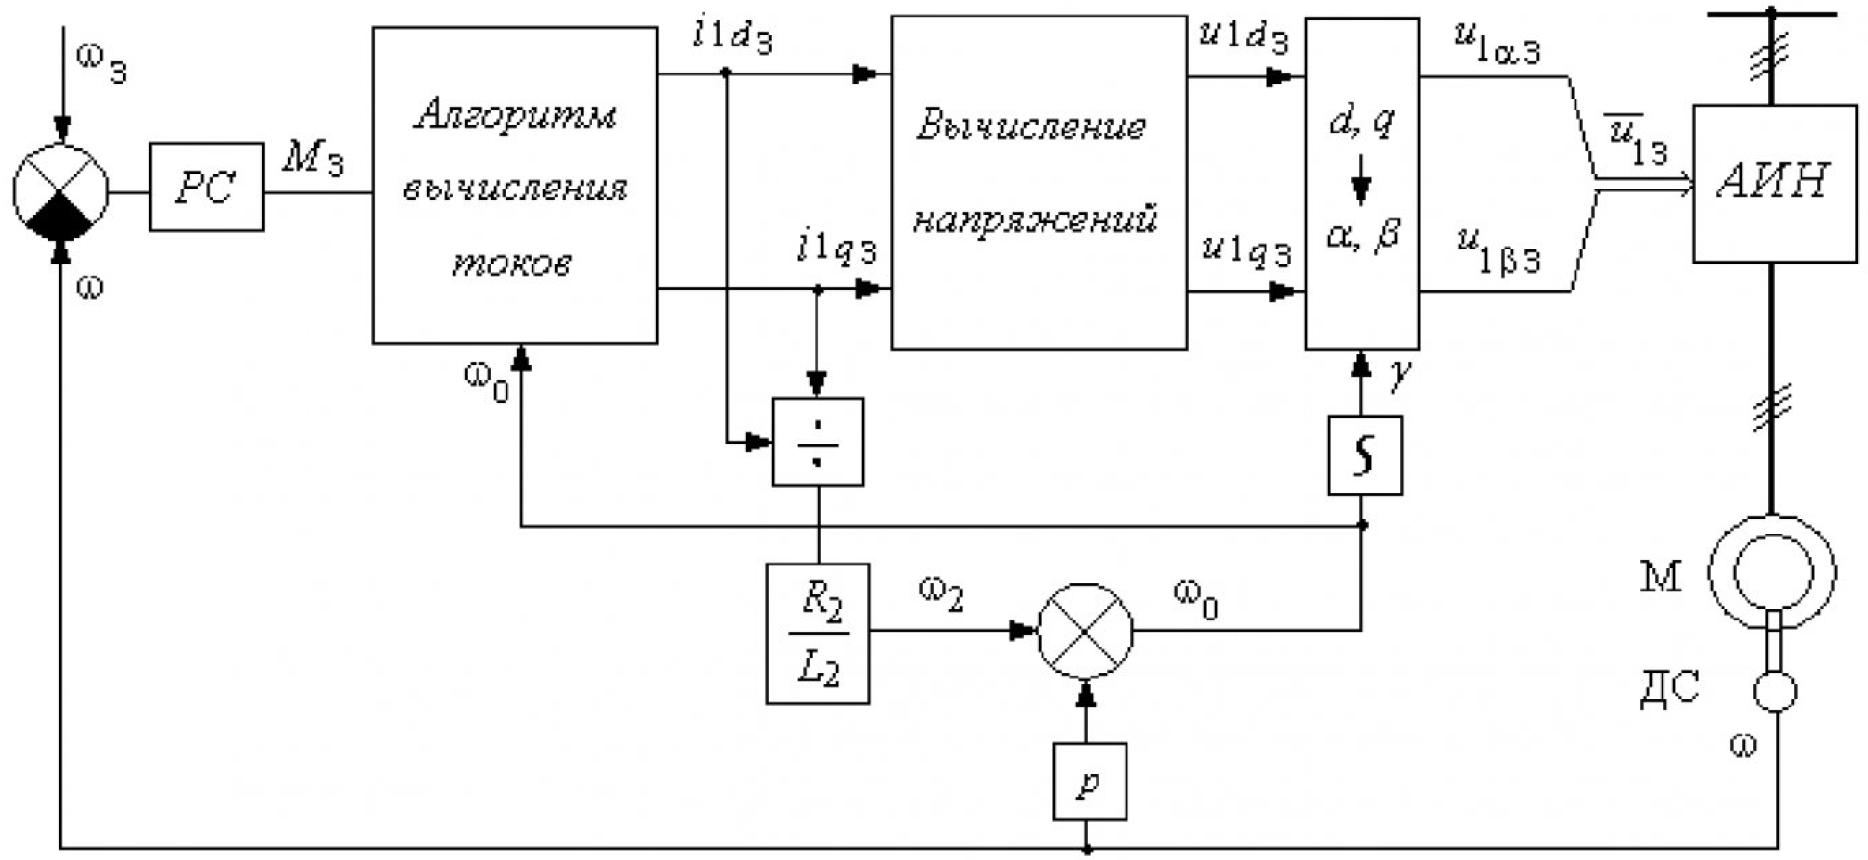 Сравнительный анализ систем регулирования угловой скорости асинхронного электродвигателя 2